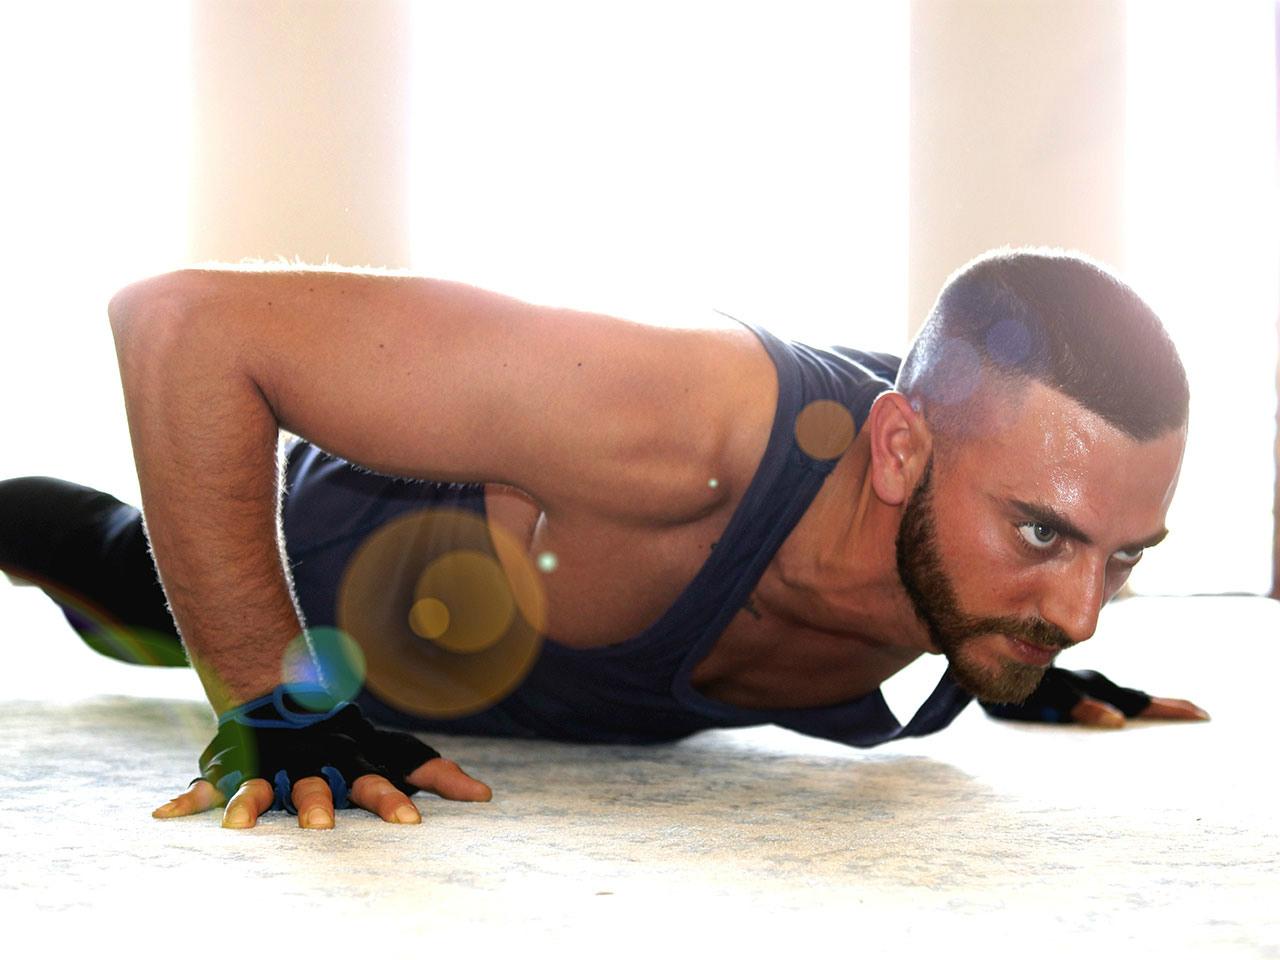 5 упражнений для тех, у кого мало времени, но кто хочет держать себя в форме